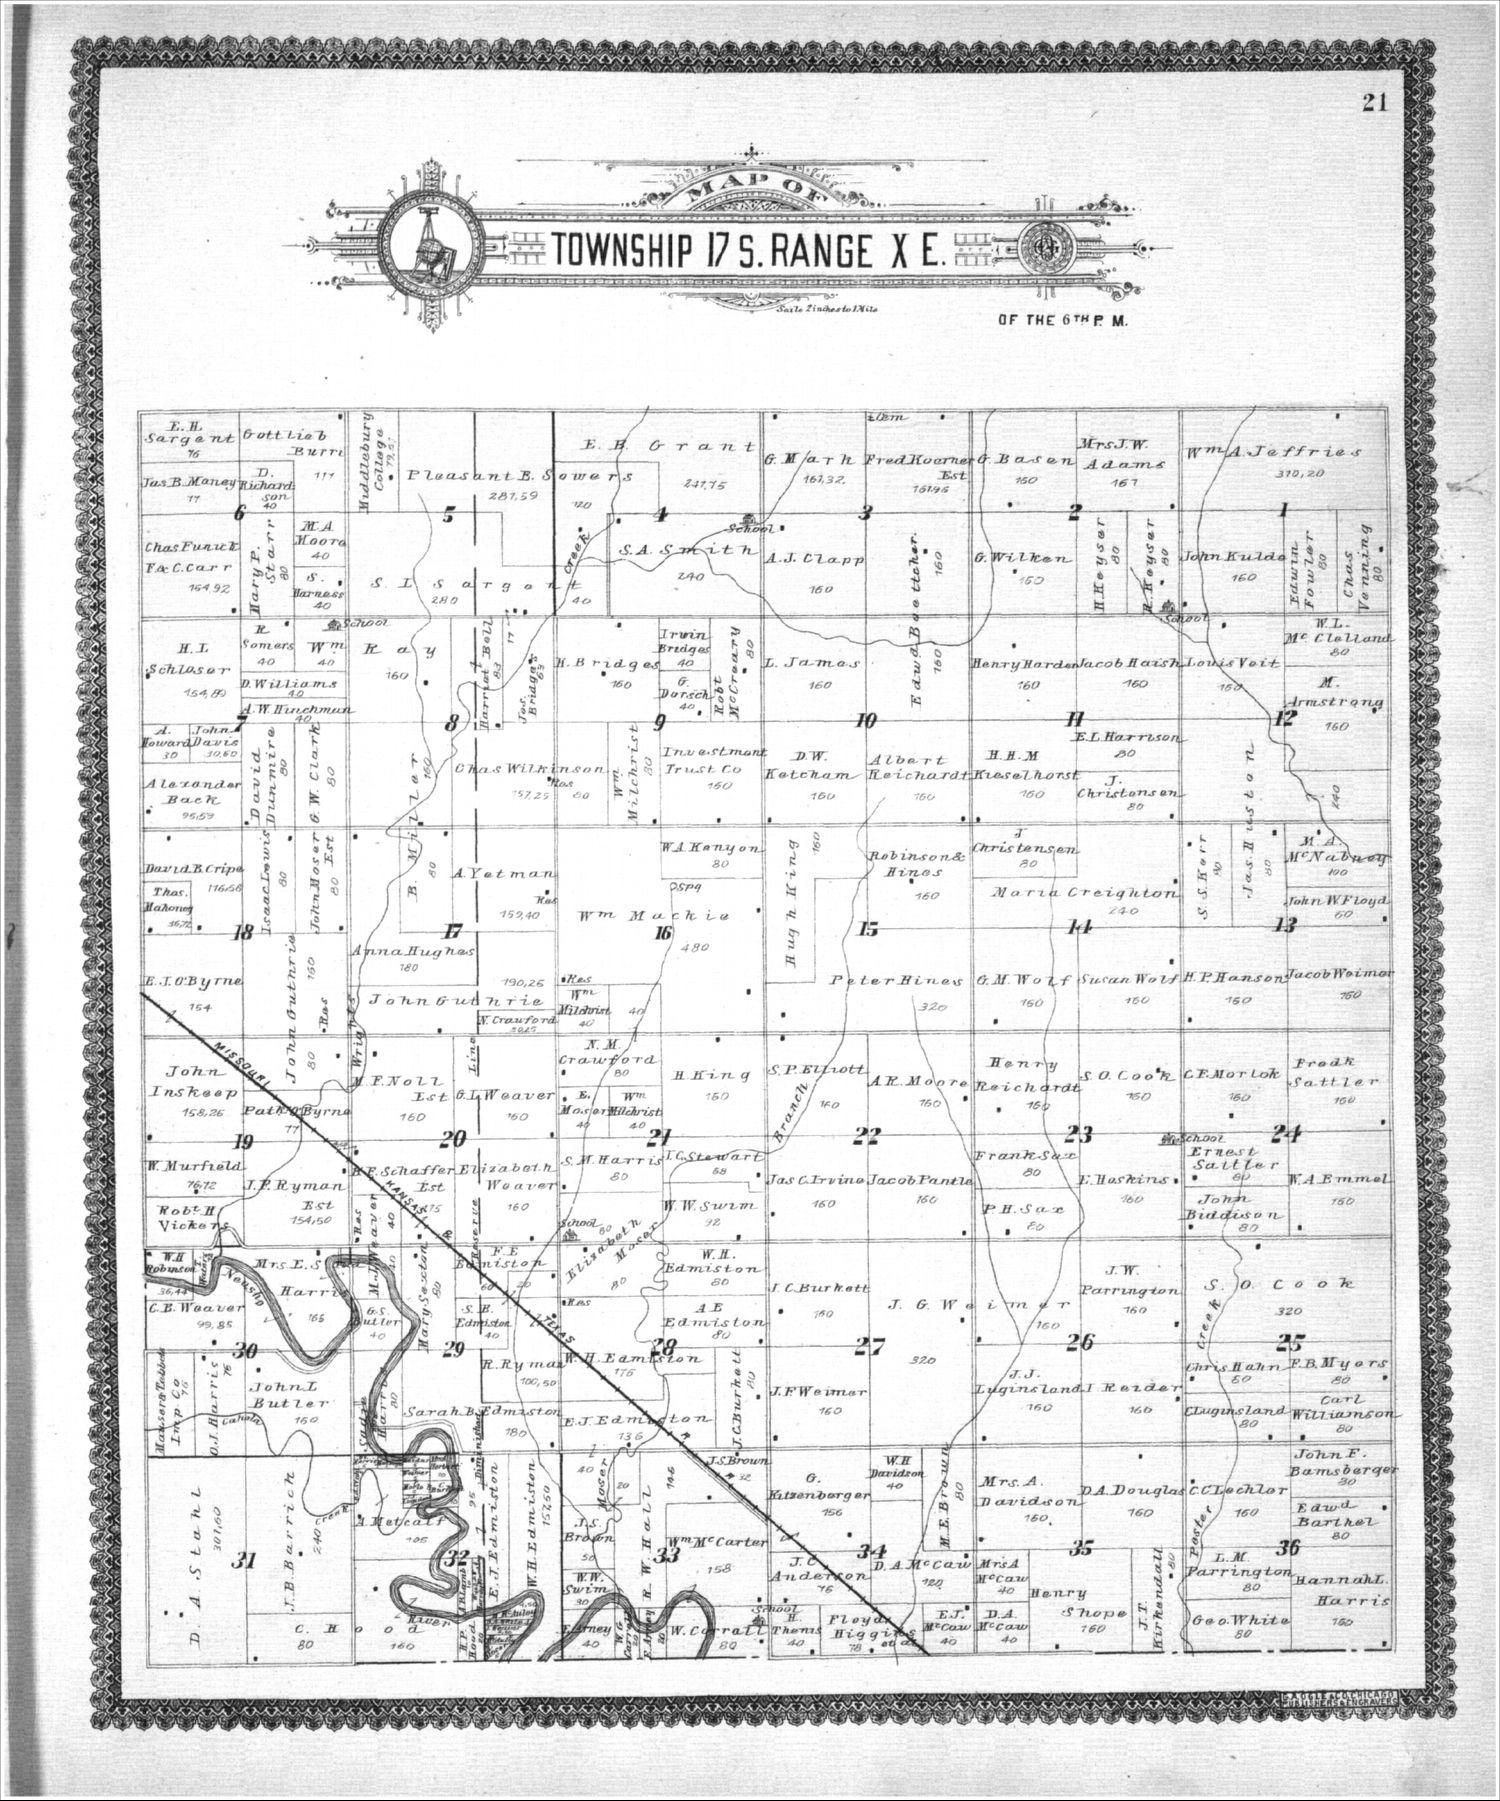 Standard atlas, Lyon County, Kansas - 21